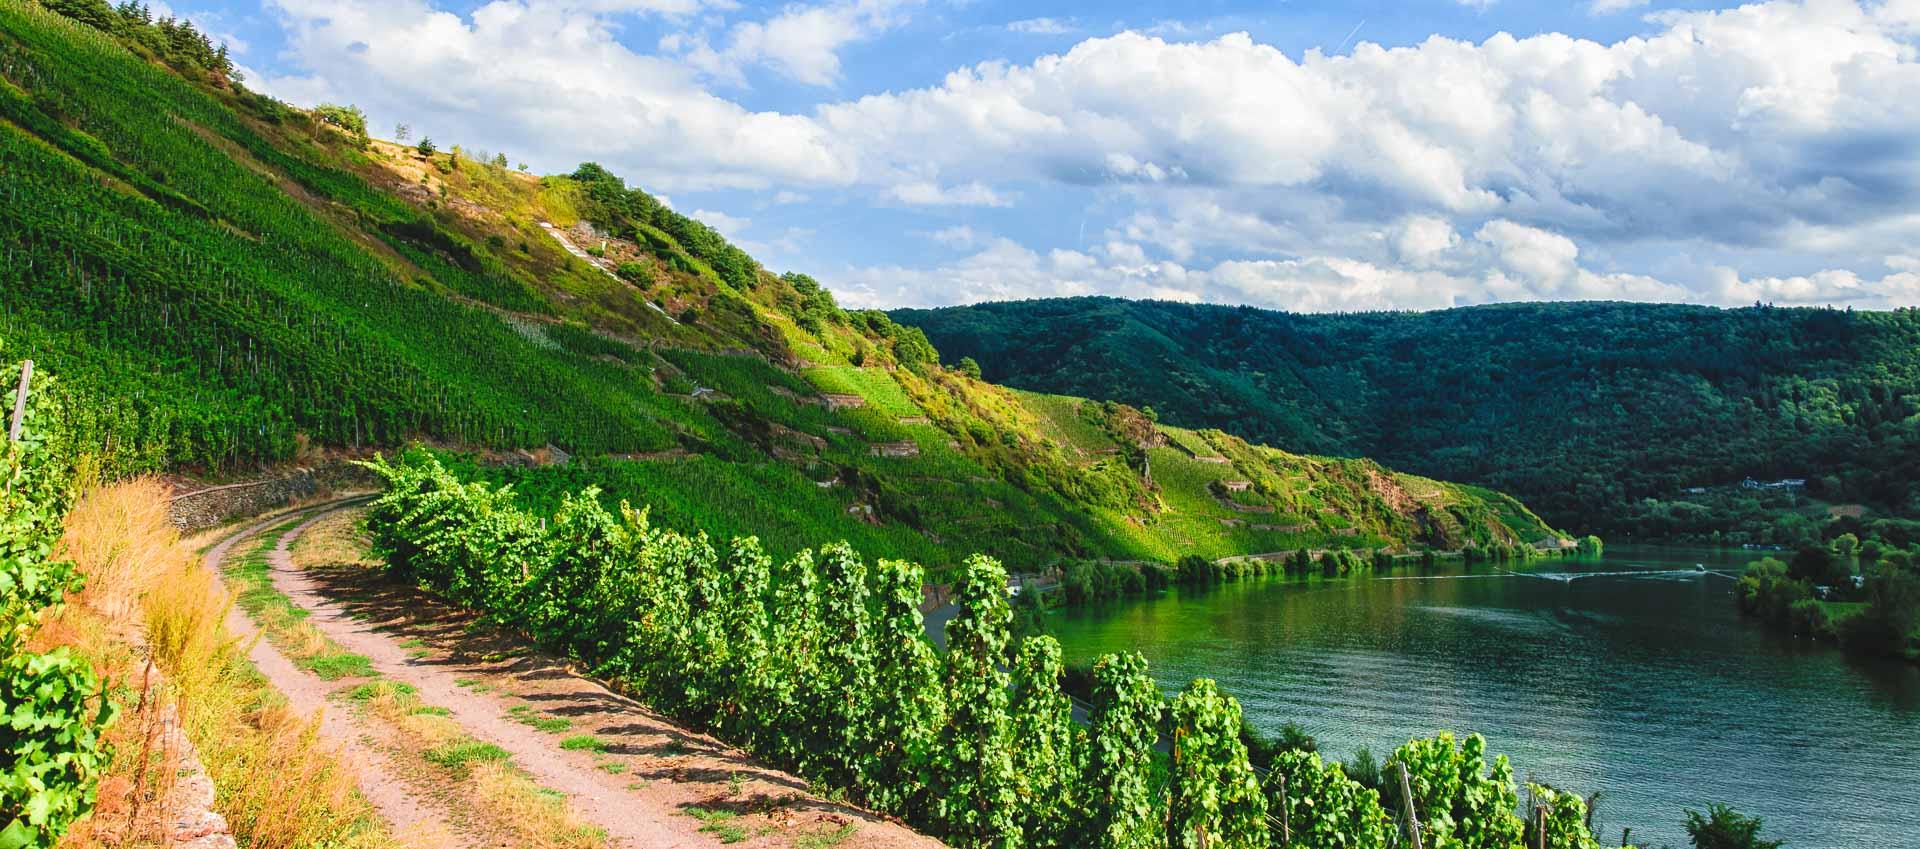 Links am Bildrand führt ein Weg in den Weinberg Mehringer Blattenberg. Am rechten Bildrand sind man den Fluss Mosel. Am blauen Himmel sind einige Wolken.